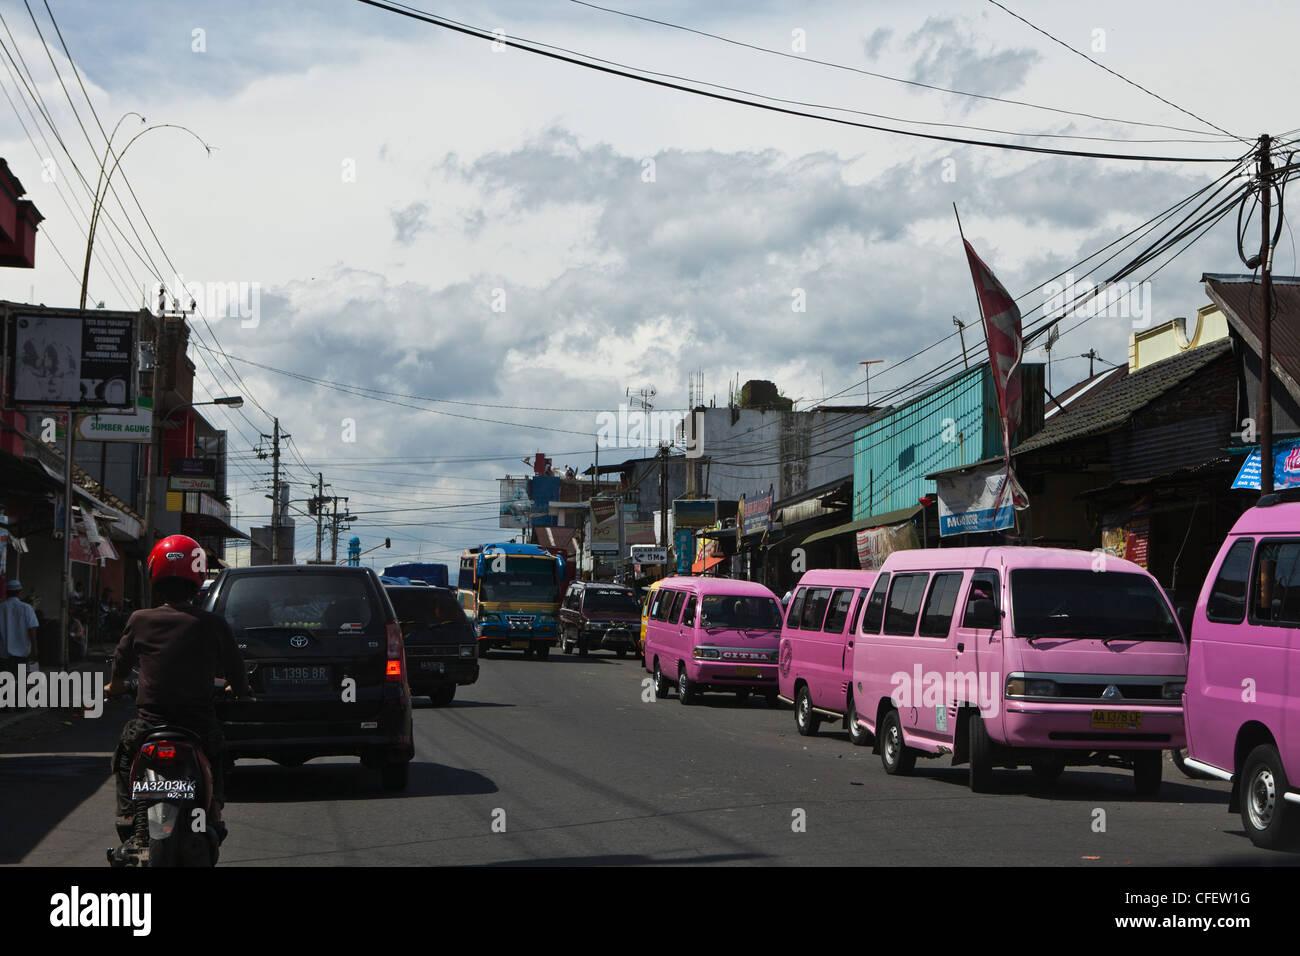 Chariot (van) dans la rue. Java, Indonésie, Asie, Pacifique Sud. Banque D'Images